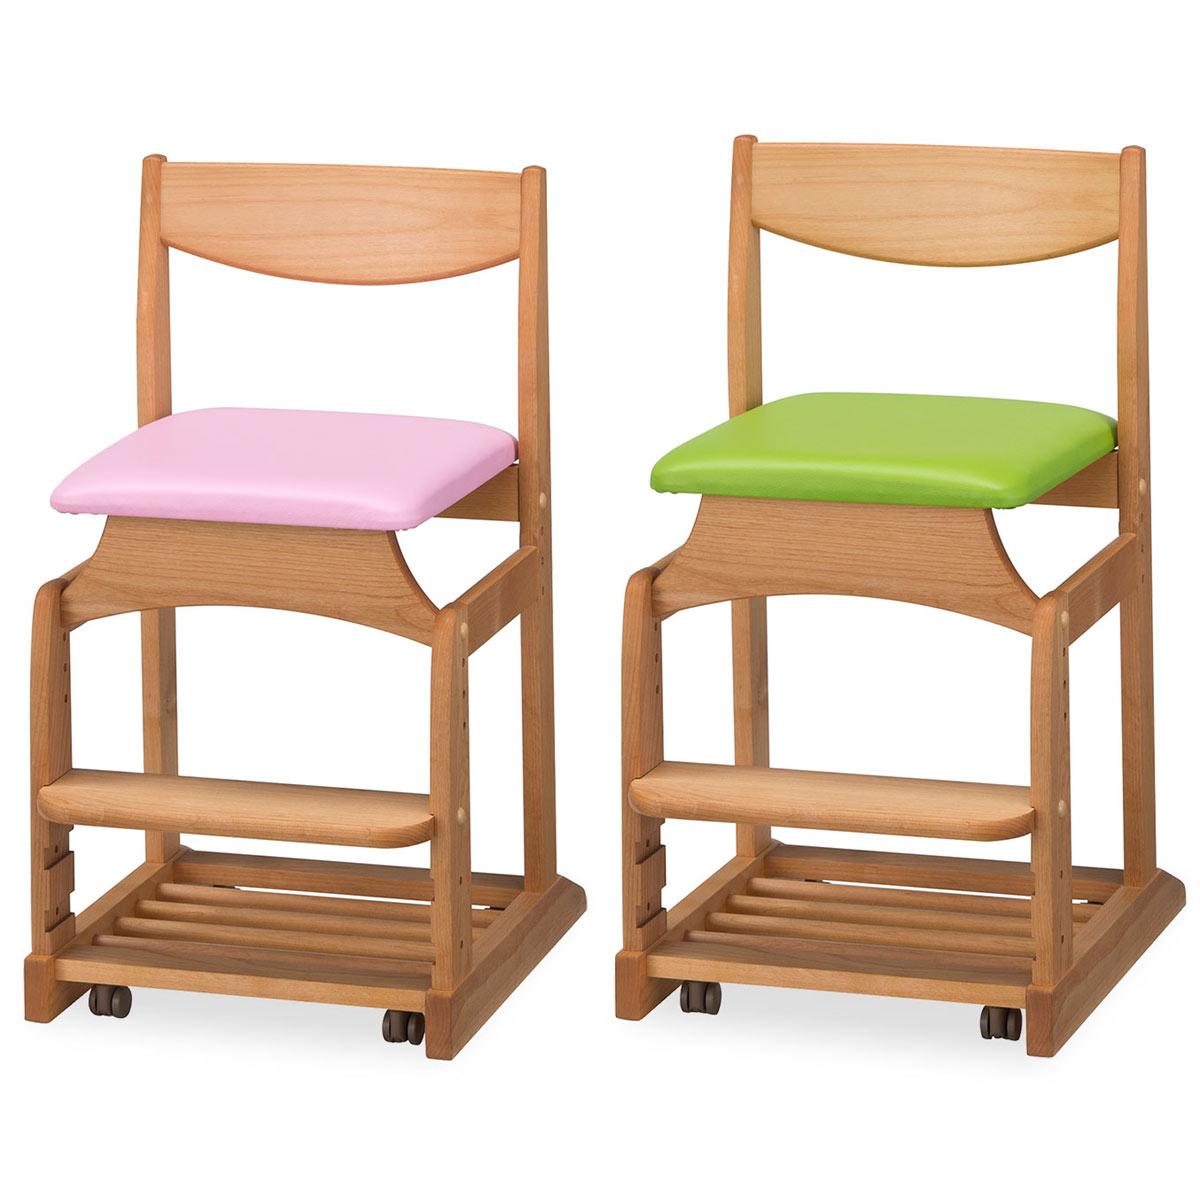 学習チェア 学習椅子 椅子 チェアー 日本製 木の温もりと環境に優しいチェア 自然塗料 健康家具 子ども 椅子 子供椅子 [G2] t003-m054-dkf-ch5【QSM-200】堀田木工 ダックチェアNo5